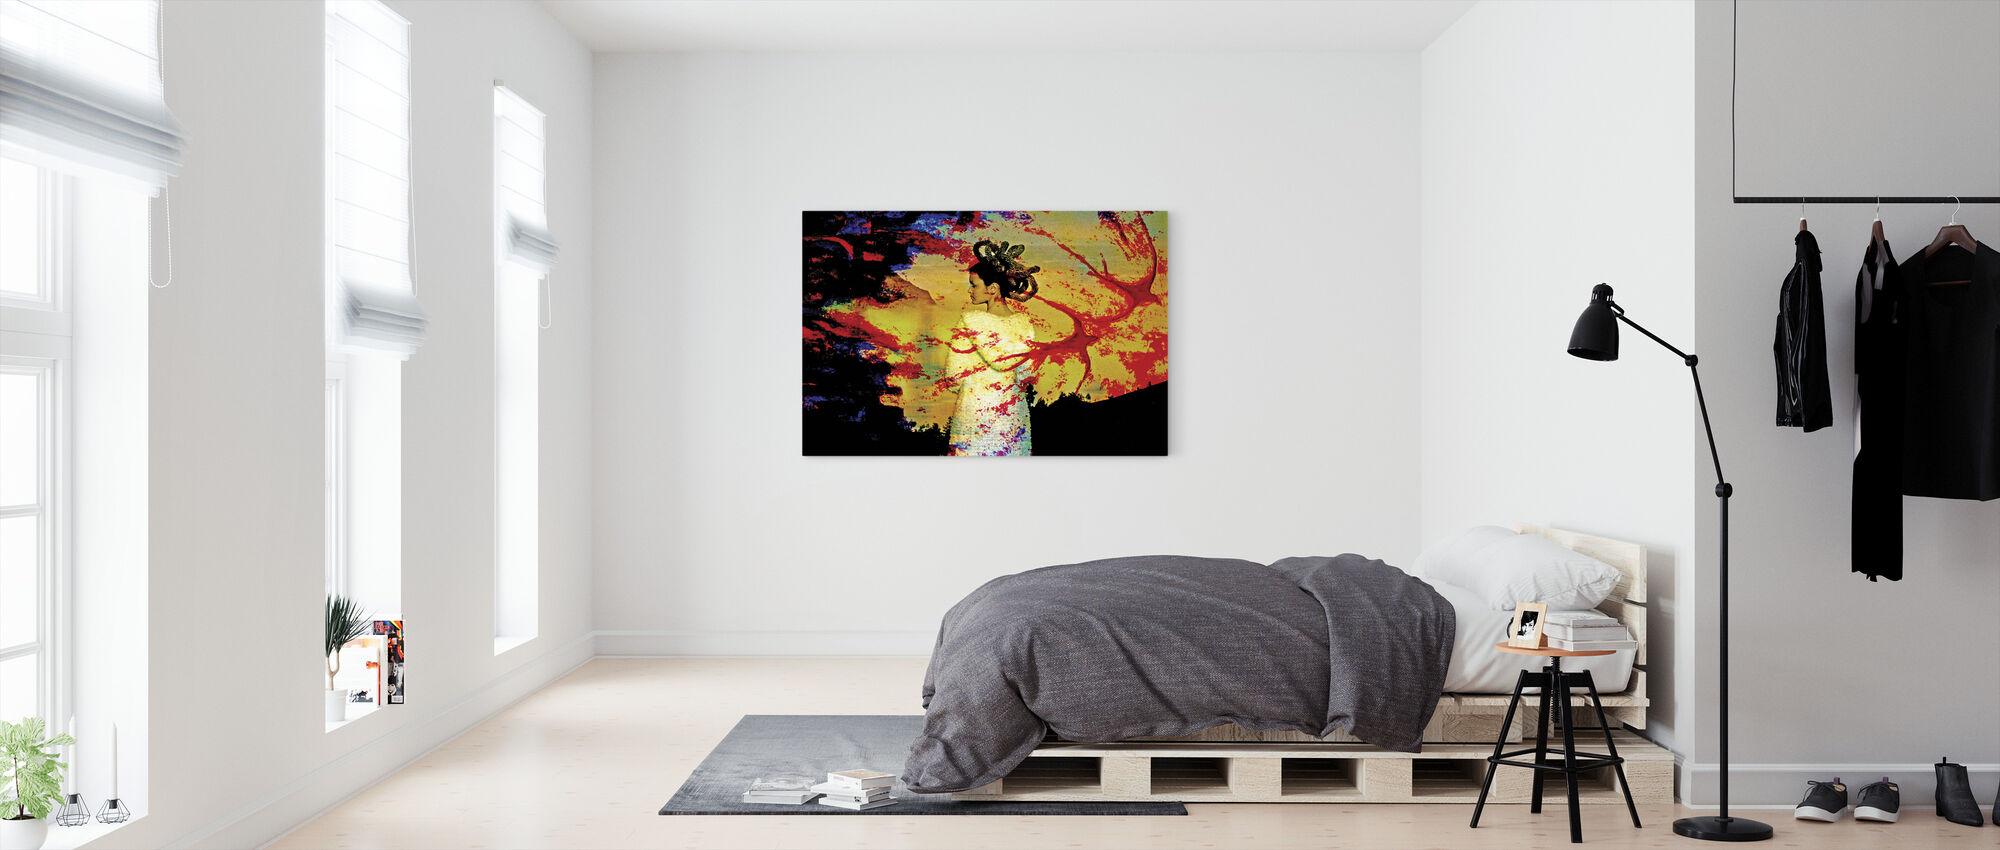 Red Bird - Canvas print - Bedroom